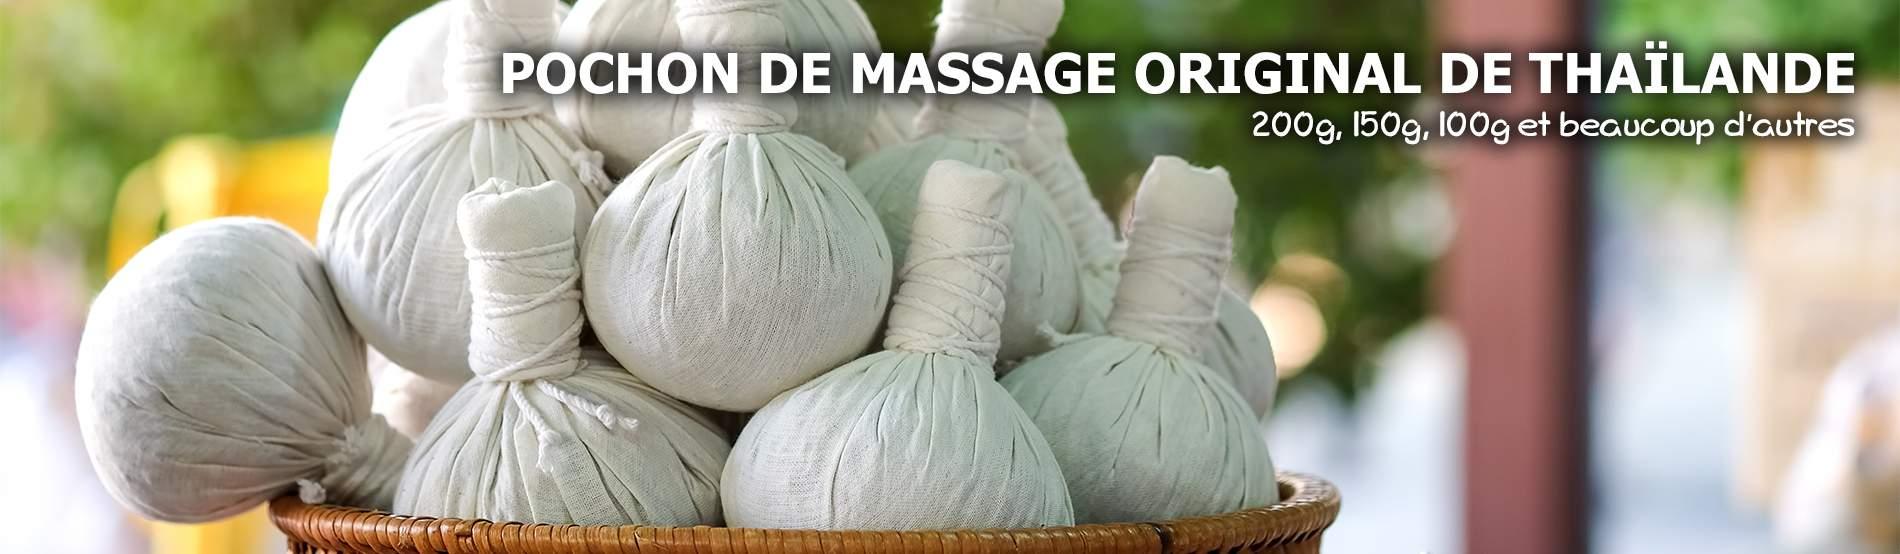 Pochon d'herbes pour massage de Thaïlande